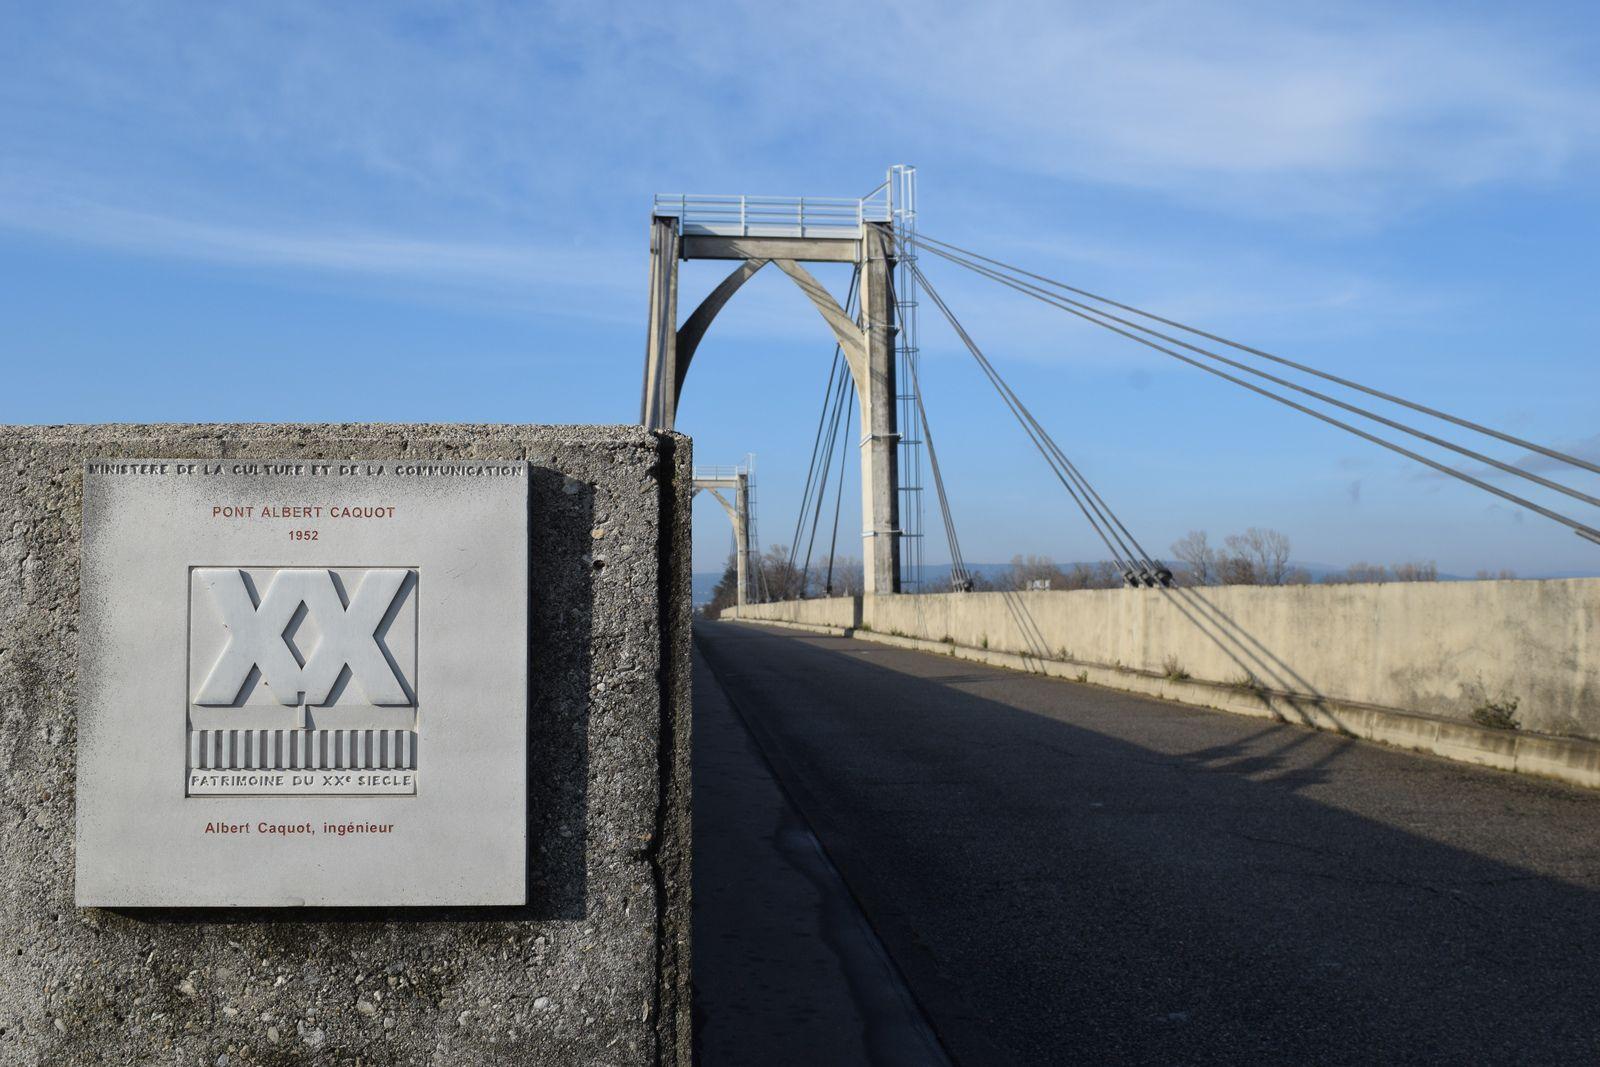 """Mes recherches me mènent sur le site du patrimoine """"La Région Auvergne-Rhône-Alpes"""" ou j'apprends le nom de ce pont en l'occurrence """"Le pont Routier Albert Caquot"""". Ce quiseconfirme avec cette plaque présente sur le pont."""